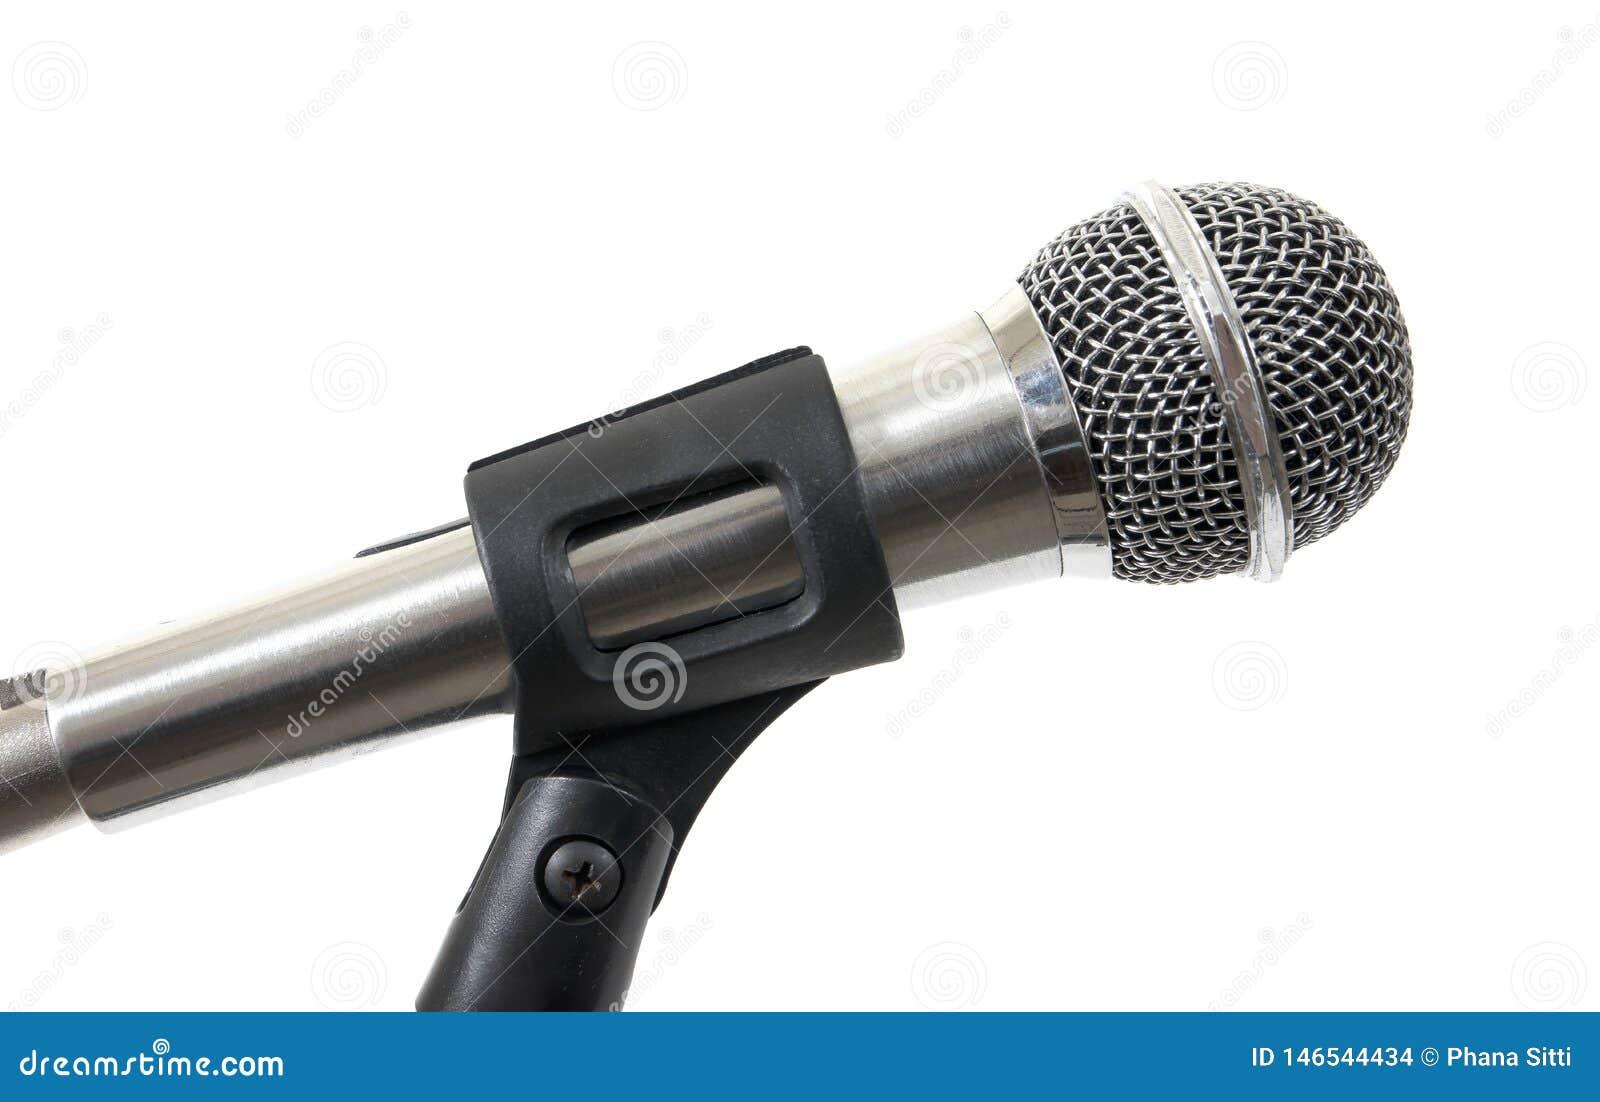 Silbernes Mikrofon lokalisiert auf wei?em Hintergrund Mikrofon getrennt